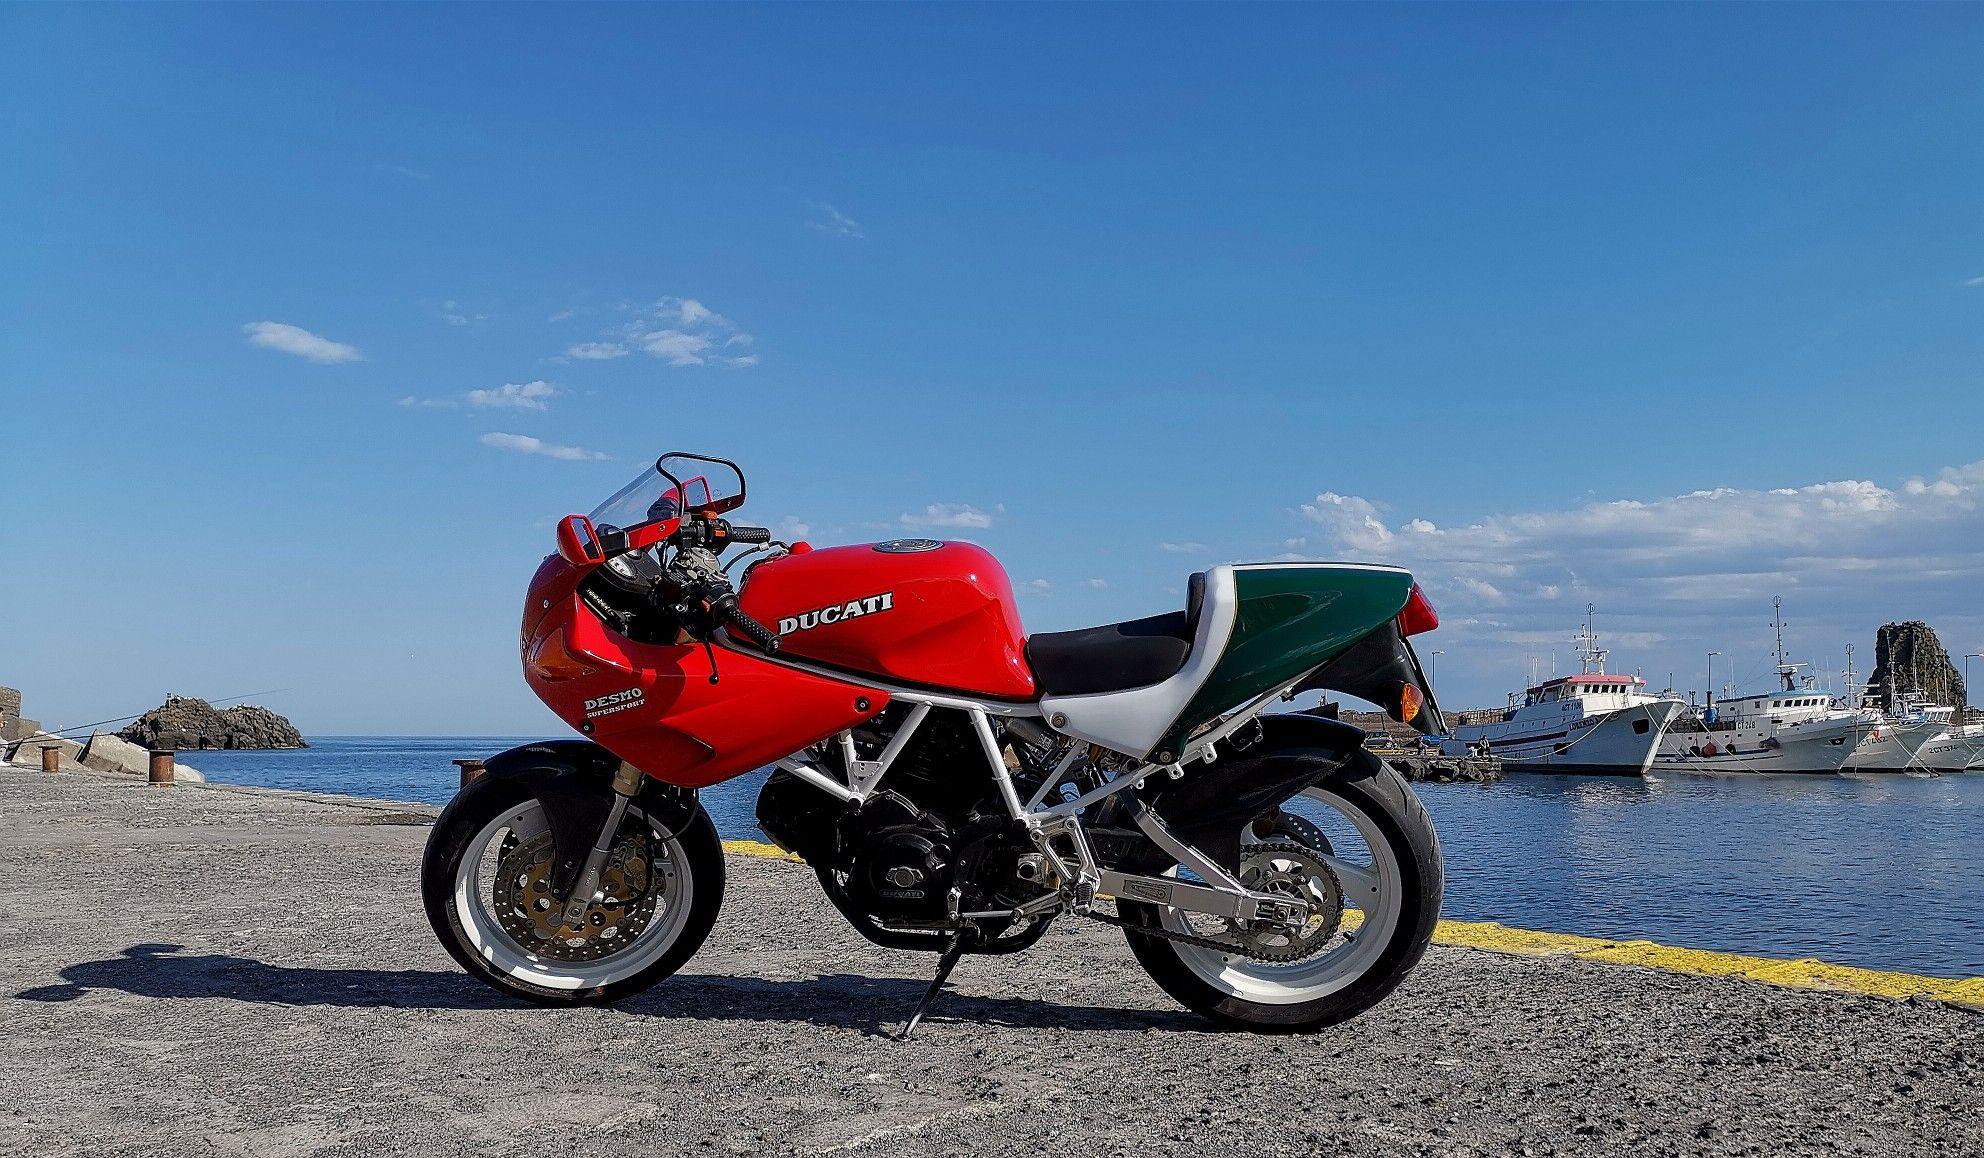 Pin Af Claus Christensen Pa Motorcykler Motorcykler